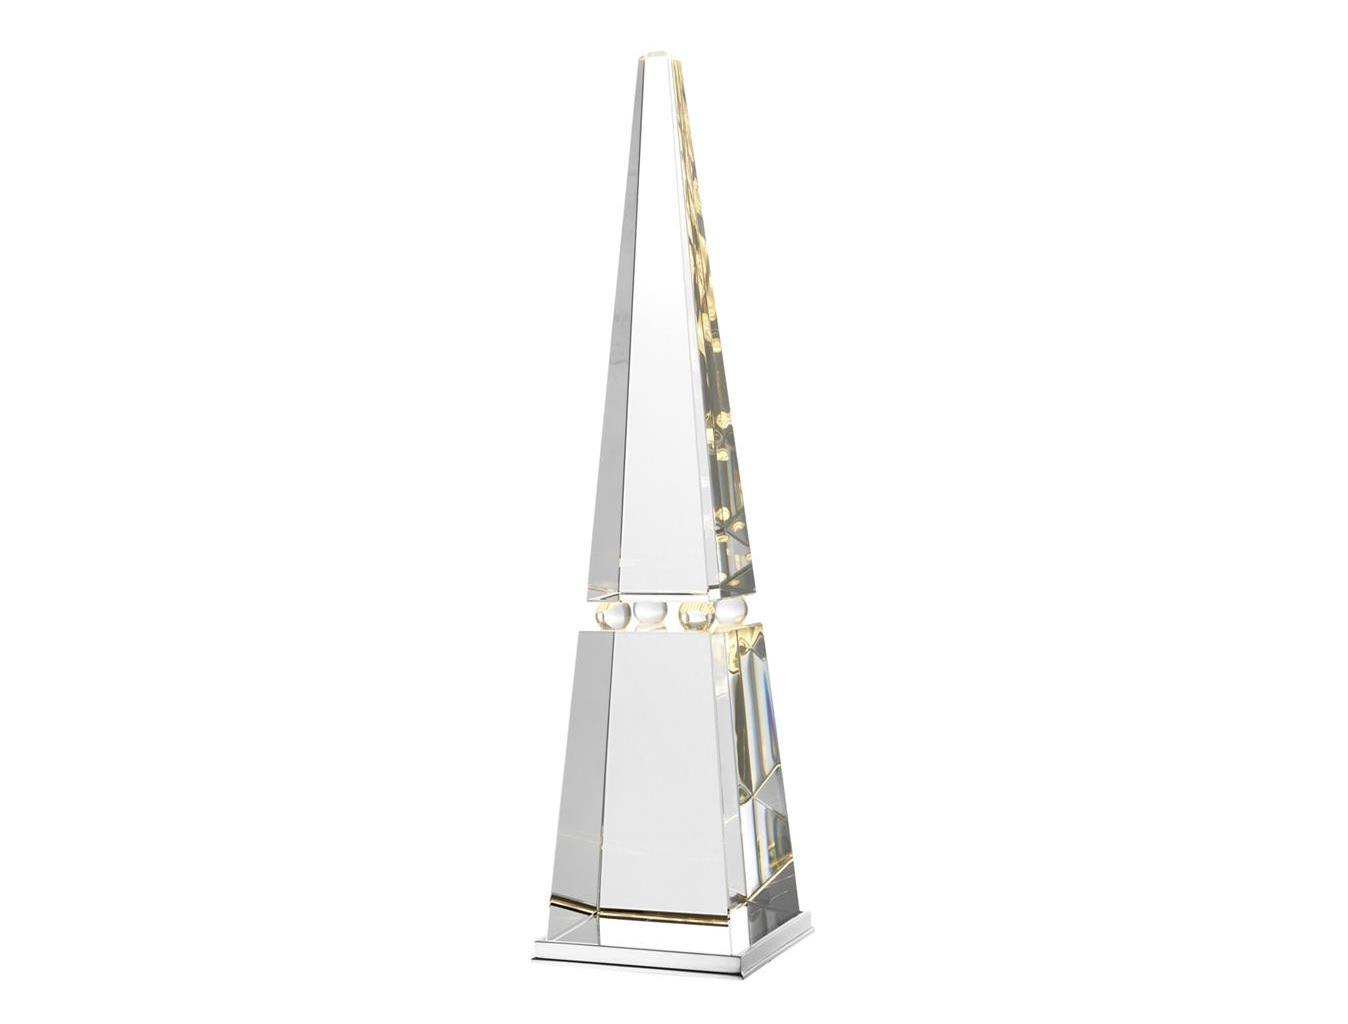 Настольная лампа Bari crystalДекоративные лампы<br>&amp;lt;div&amp;gt;Вид цоколя: LED&amp;lt;br&amp;gt;&amp;lt;/div&amp;gt;&amp;lt;div&amp;gt;&amp;lt;div&amp;gt;Мощность: 0,75W&amp;lt;/div&amp;gt;&amp;lt;div&amp;gt;Количество ламп: 3 (нет в комплекте)&amp;lt;/div&amp;gt;&amp;lt;/div&amp;gt;<br><br>Material: Стекло<br>Ширина см: 14<br>Высота см: 60<br>Глубина см: 14